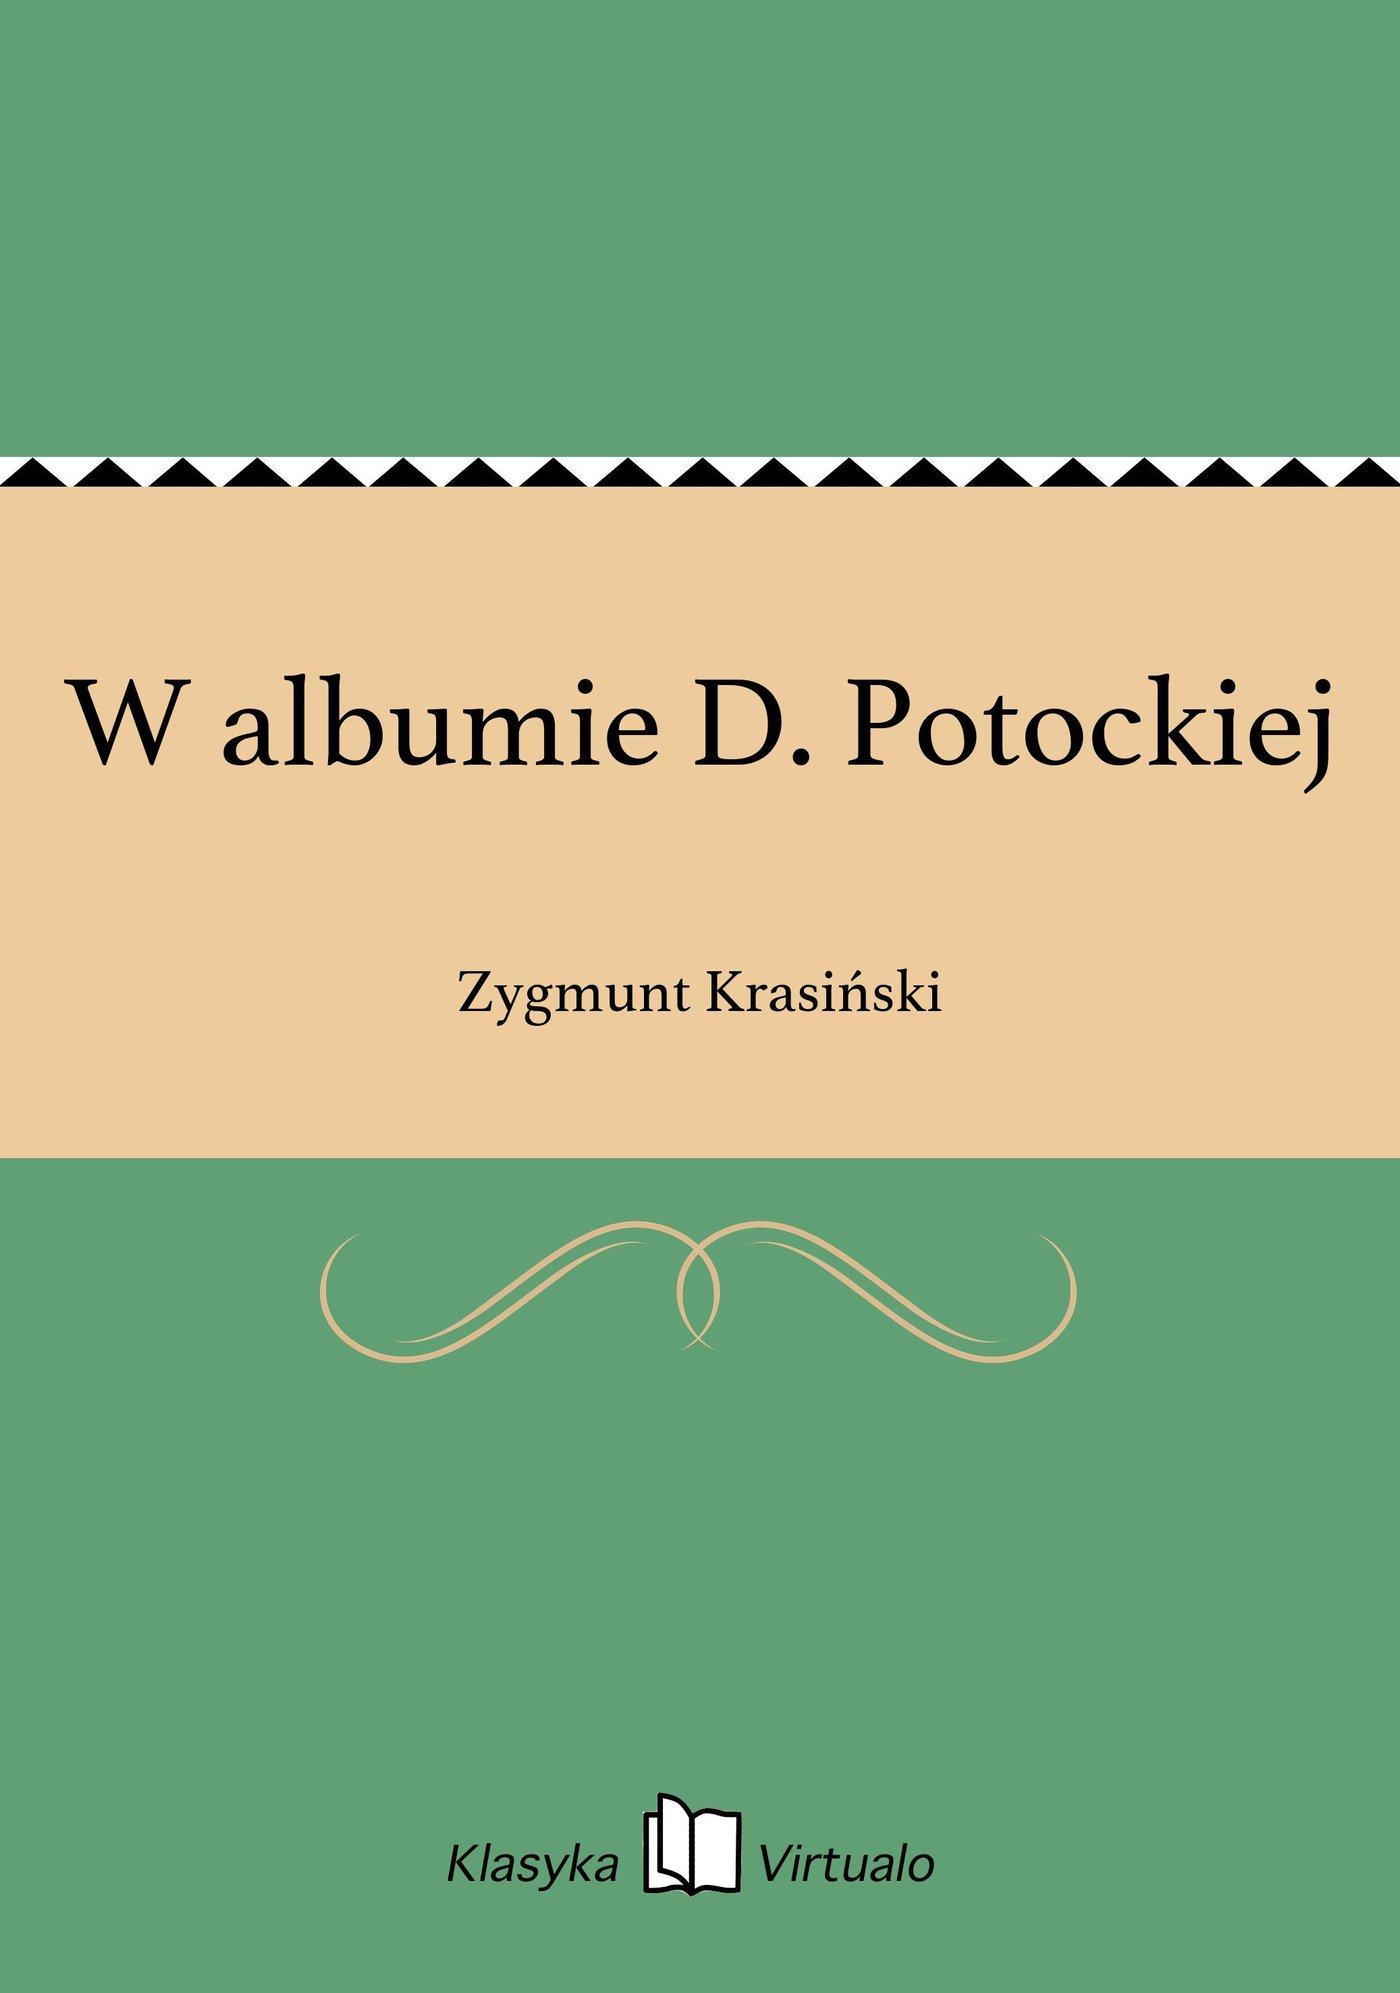 W albumie D. Potockiej - Ebook (Książka EPUB) do pobrania w formacie EPUB